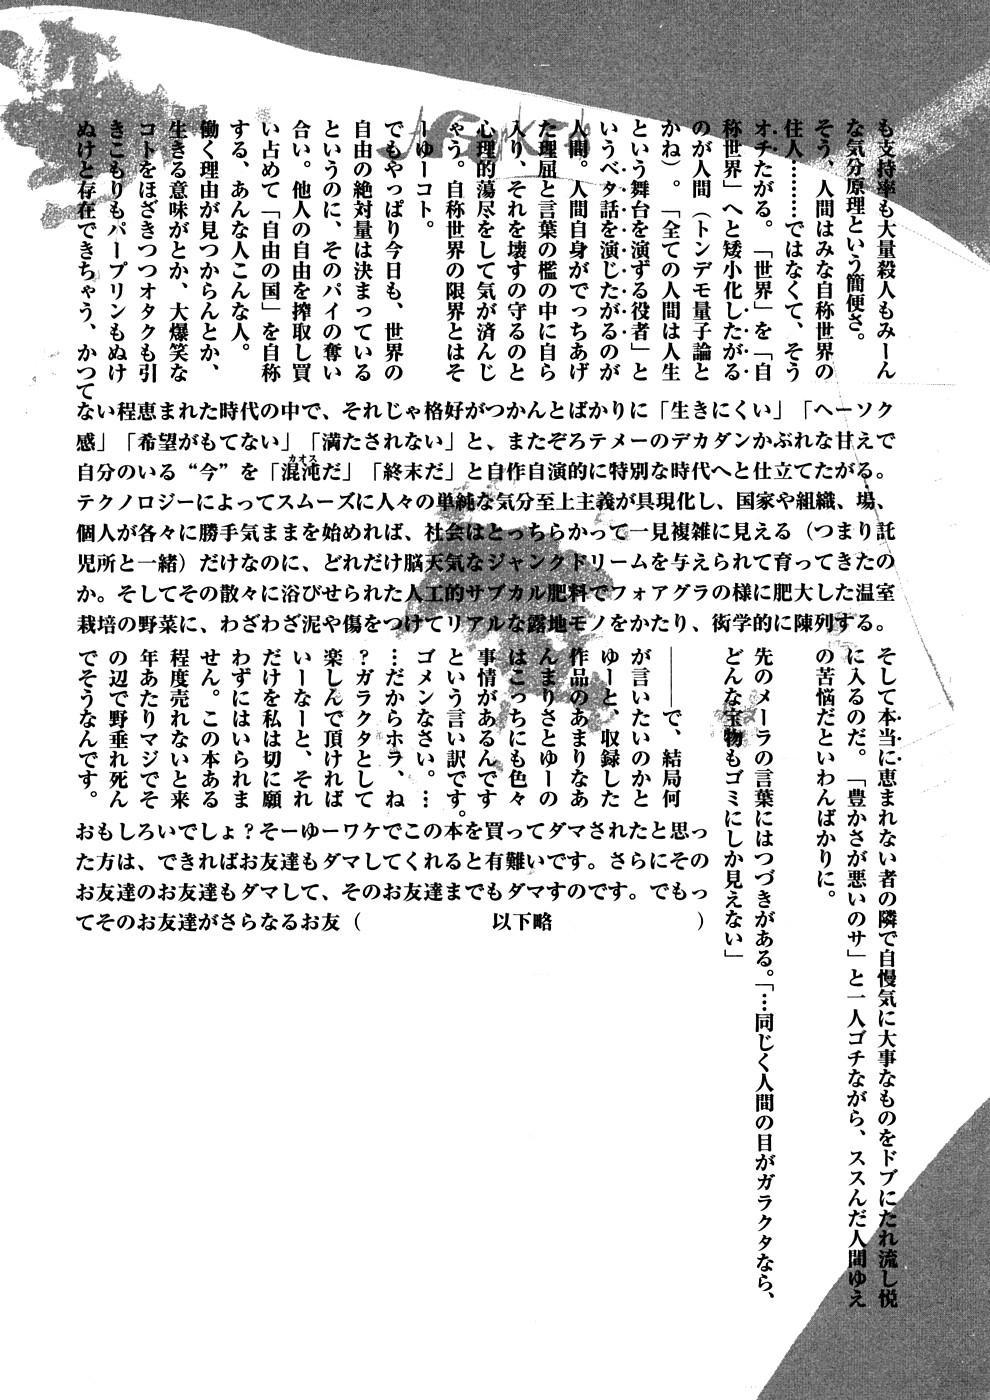 Yosuteinu Haihin Shuu II 211